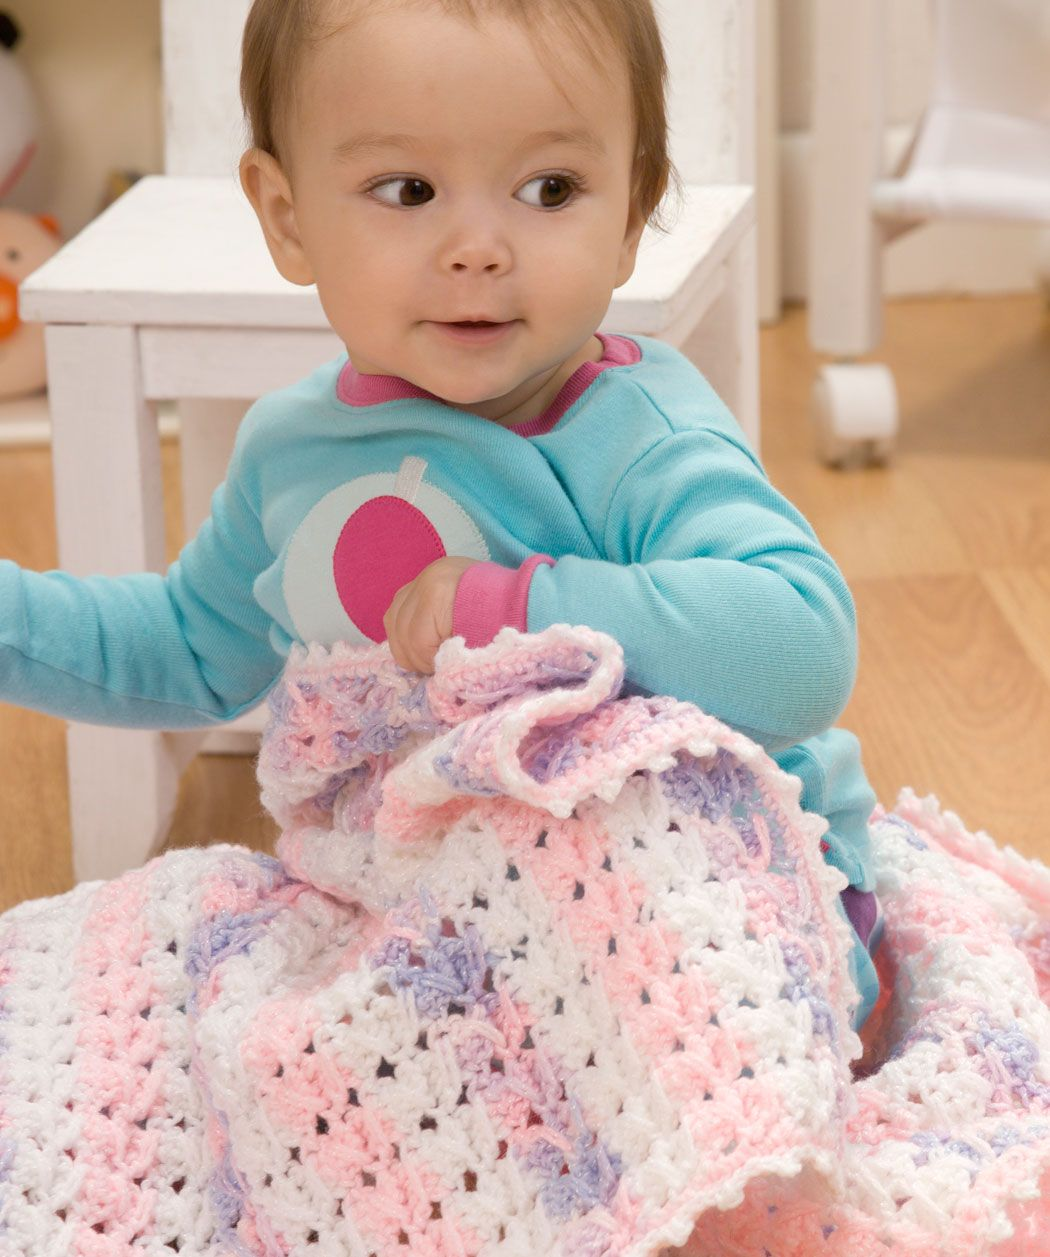 Sweet Dreams Baby Blanket Crochet Pattern | Red Heart | Crochet ...